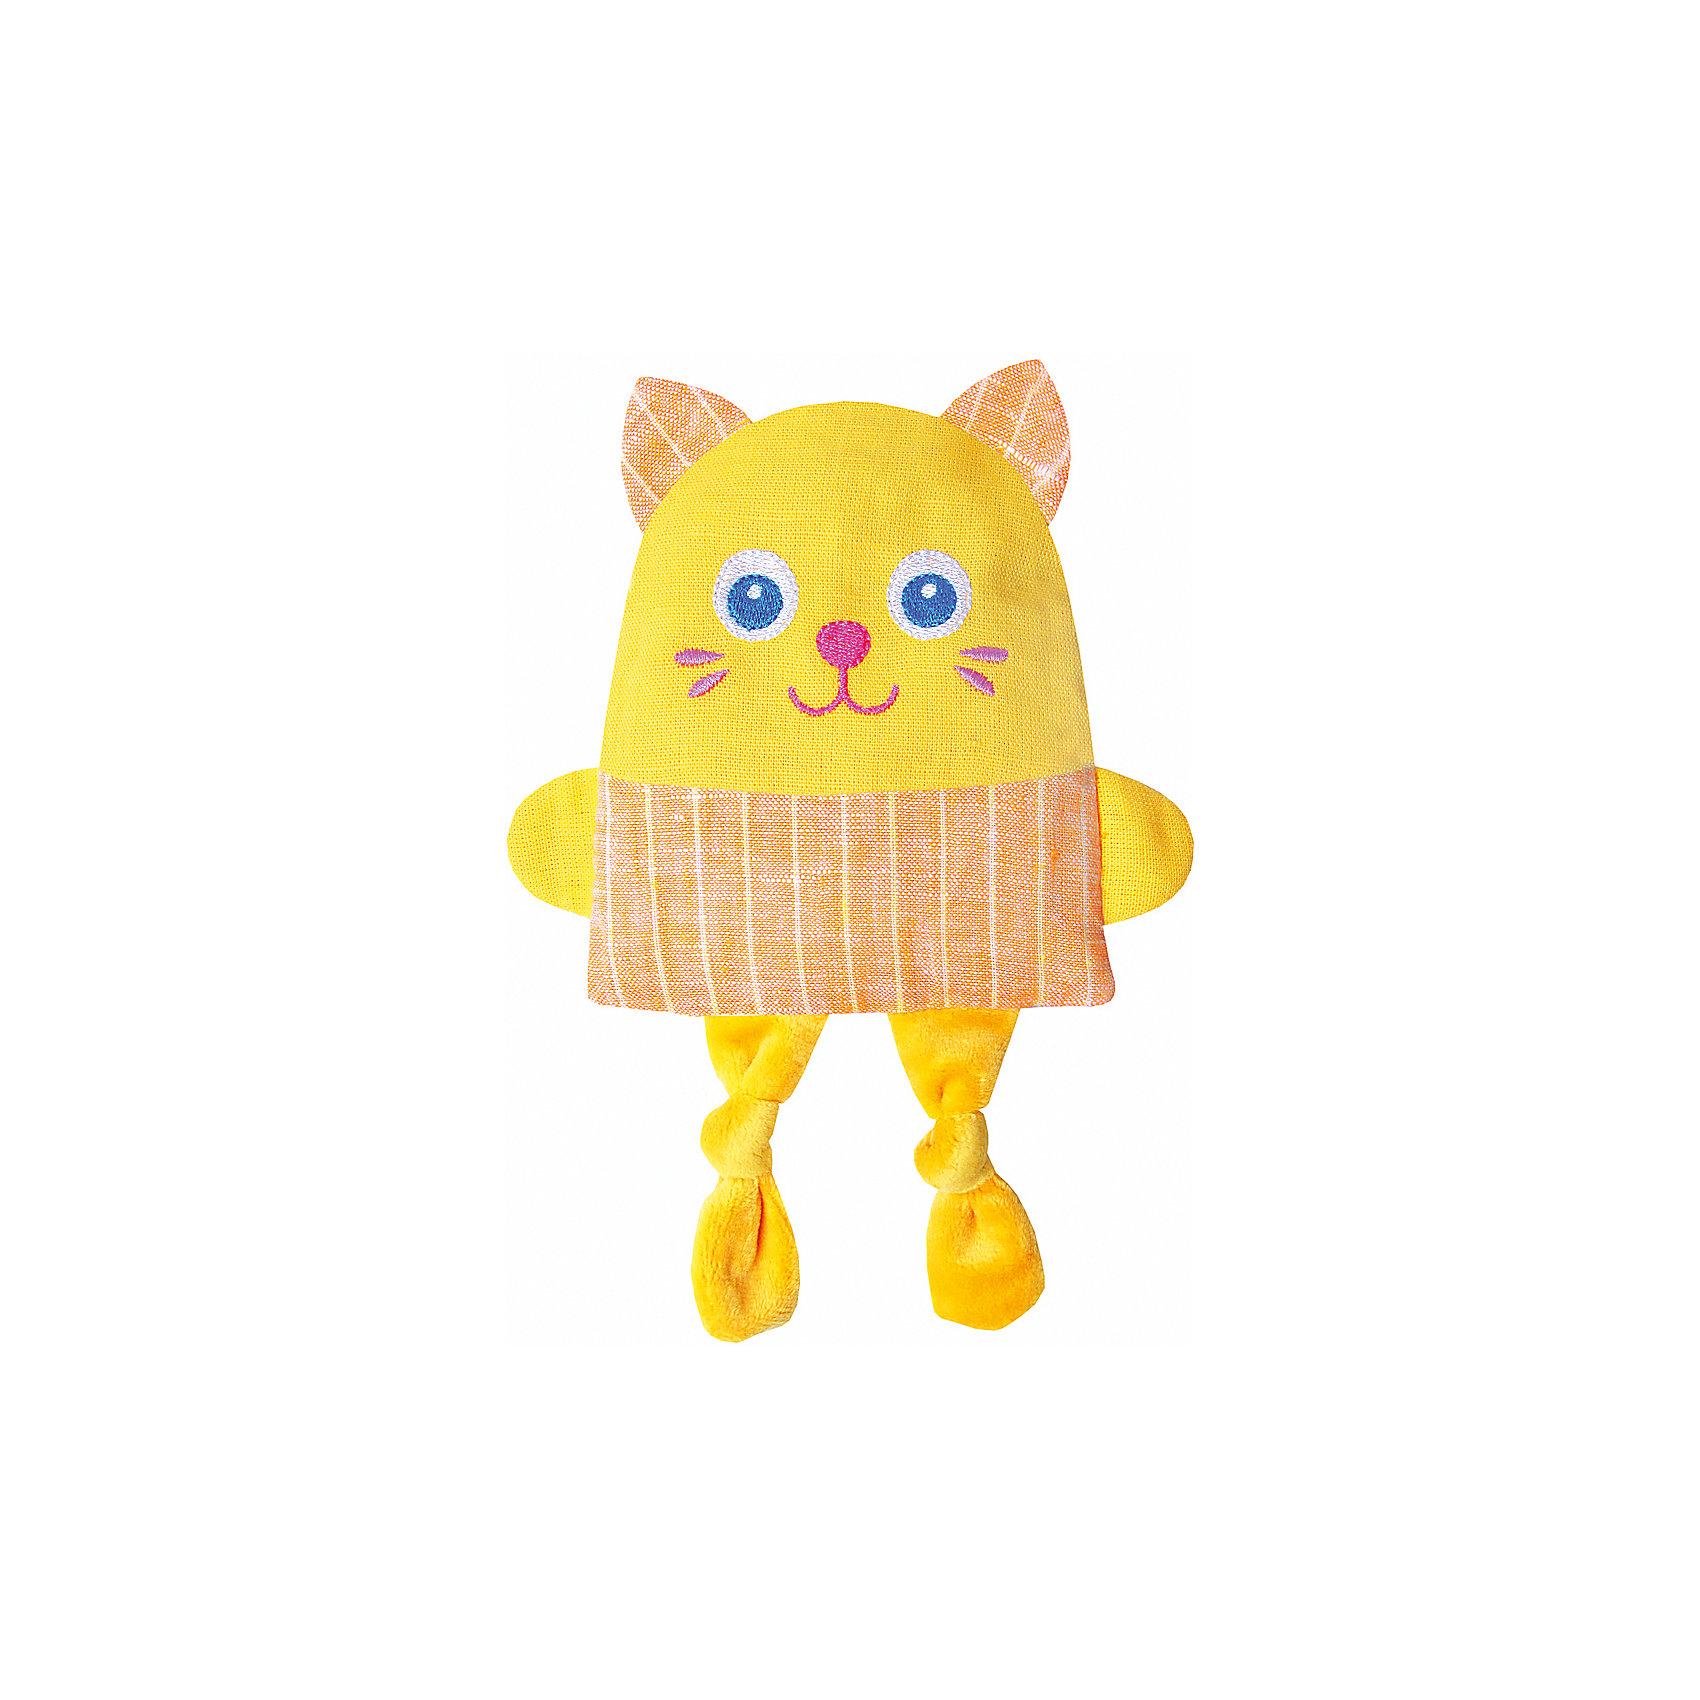 Игрушка Доктор Мякиш Крошка Кот, МякишиХарактеристики товара:<br><br>• материал: лён, вишнёвые косточки, вышивка, холлофайбер, хлопок<br>• комплектация: 1 шт<br>• размер игрушки: 16х28х2,5 см<br>• размер упаковки: 16х22х2,5 см<br>• развивающая игрушка<br>• упаковка: пакет<br>• страна бренда: РФ<br>• страна изготовитель: РФ<br><br>Малыши активно познают мир и тянутся к новой информации. Чтобы сделать процесс изучения окружающего пространства интереснее, ребенку можно подарить развивающие игрушки. В процессе игры информация усваивается намного лучше!<br>Такие термоигрушки содержат внутри мешочек с вишневыми косточками, которые можно нагреть или остудить, после чего вложить в игрушку. Также изделия помогут занять малыша, играть с ними приятно и весело. Одновременно игрушка позволит познакомиться с разными цветами и фактурами. Такие игрушки развивают тактильные ощущения, моторику, цветовосприятие, логику, воображение, учат фокусировать внимание. Каждое изделие абсолютно безопасно – оно создано из качественной ткани с мягким наполнителем. Игрушки производятся из качественных и проверенных материалов, которые безопасны для детей.<br><br>Термоигрушку Доктор Мякиш Крошка Кот от бренда Мякиши можно купить в нашем интернет-магазине.<br><br>Ширина мм: 160<br>Глубина мм: 25<br>Высота мм: 220<br>Вес г: 140<br>Возраст от месяцев: 12<br>Возраст до месяцев: 36<br>Пол: Унисекс<br>Возраст: Детский<br>SKU: 5183176